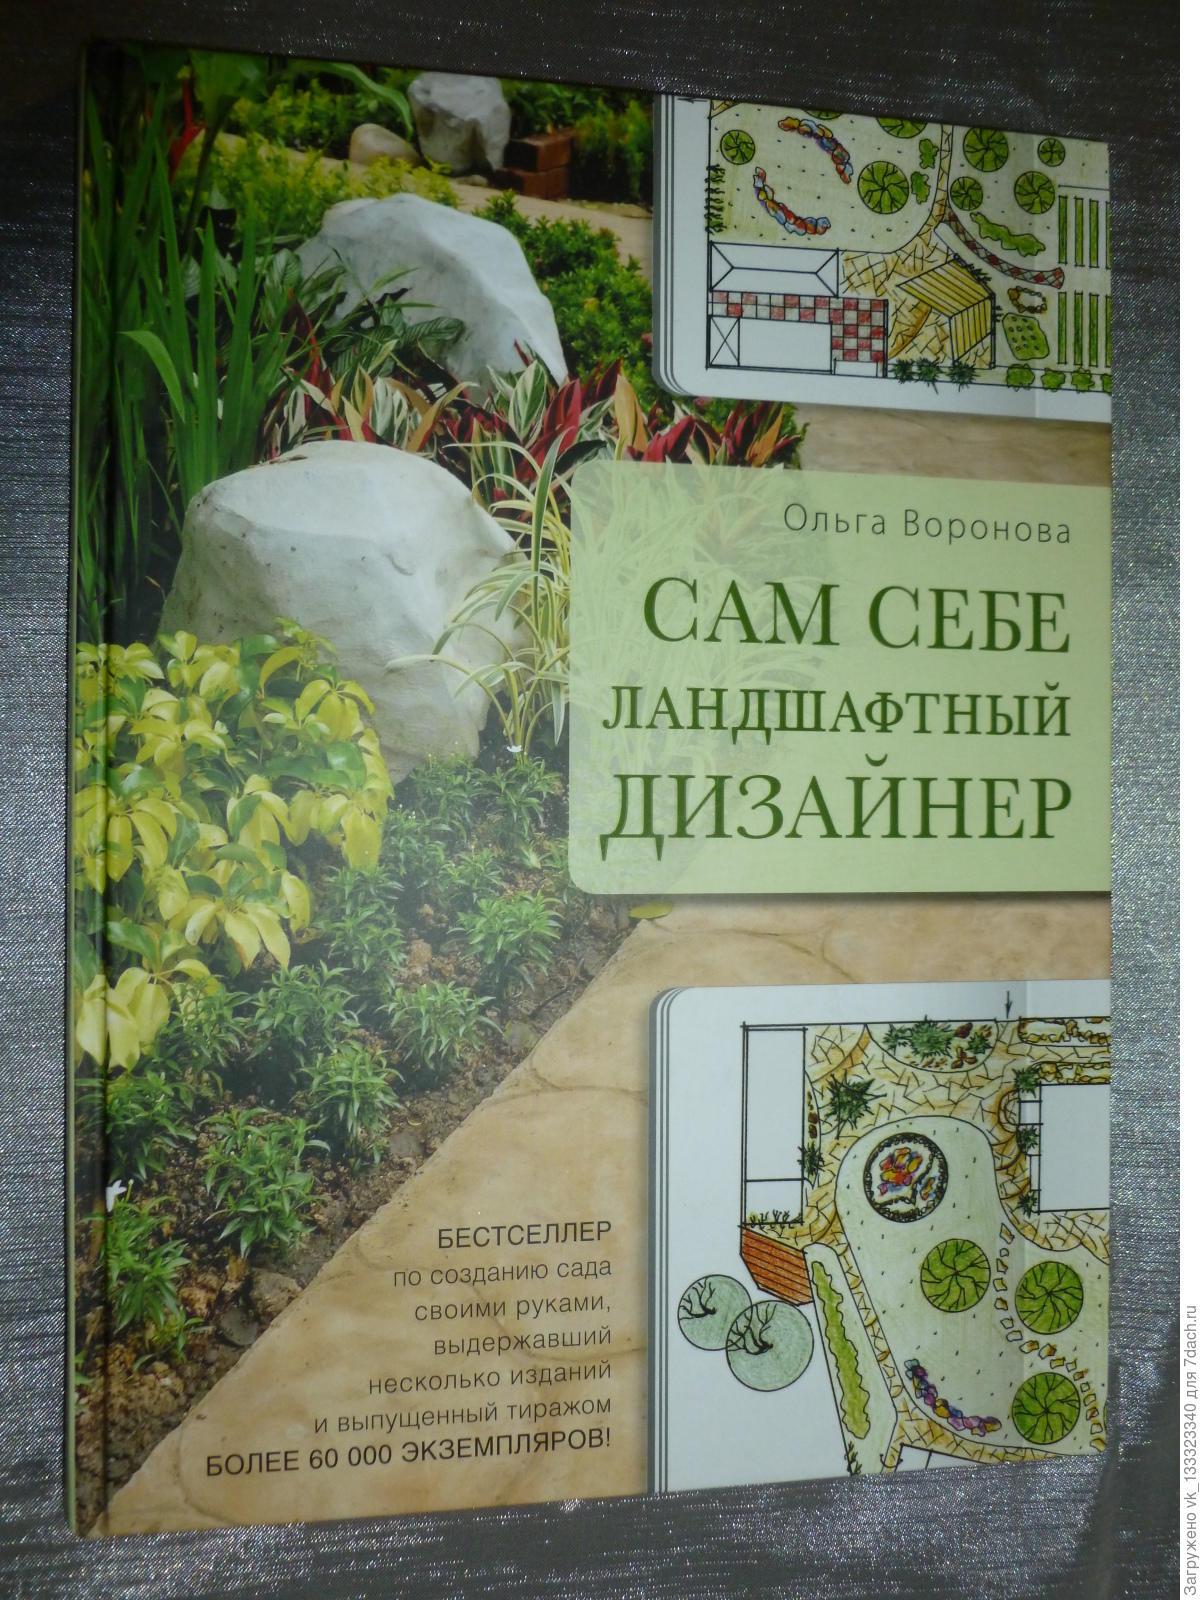 Ольга воронова ландшафтный дизайнер